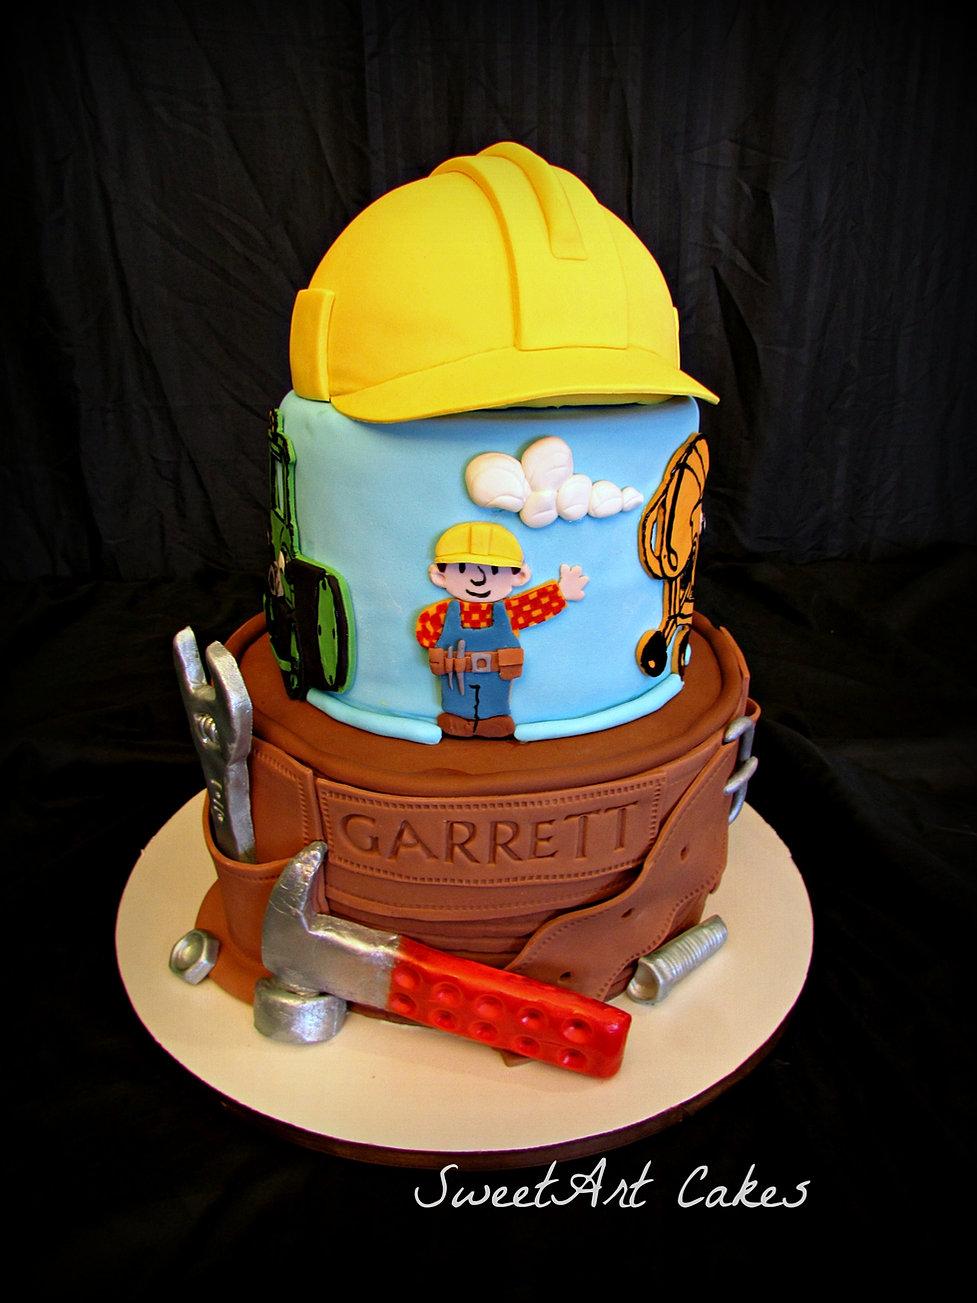 Birthday Cakes From Sweetart Cake Company